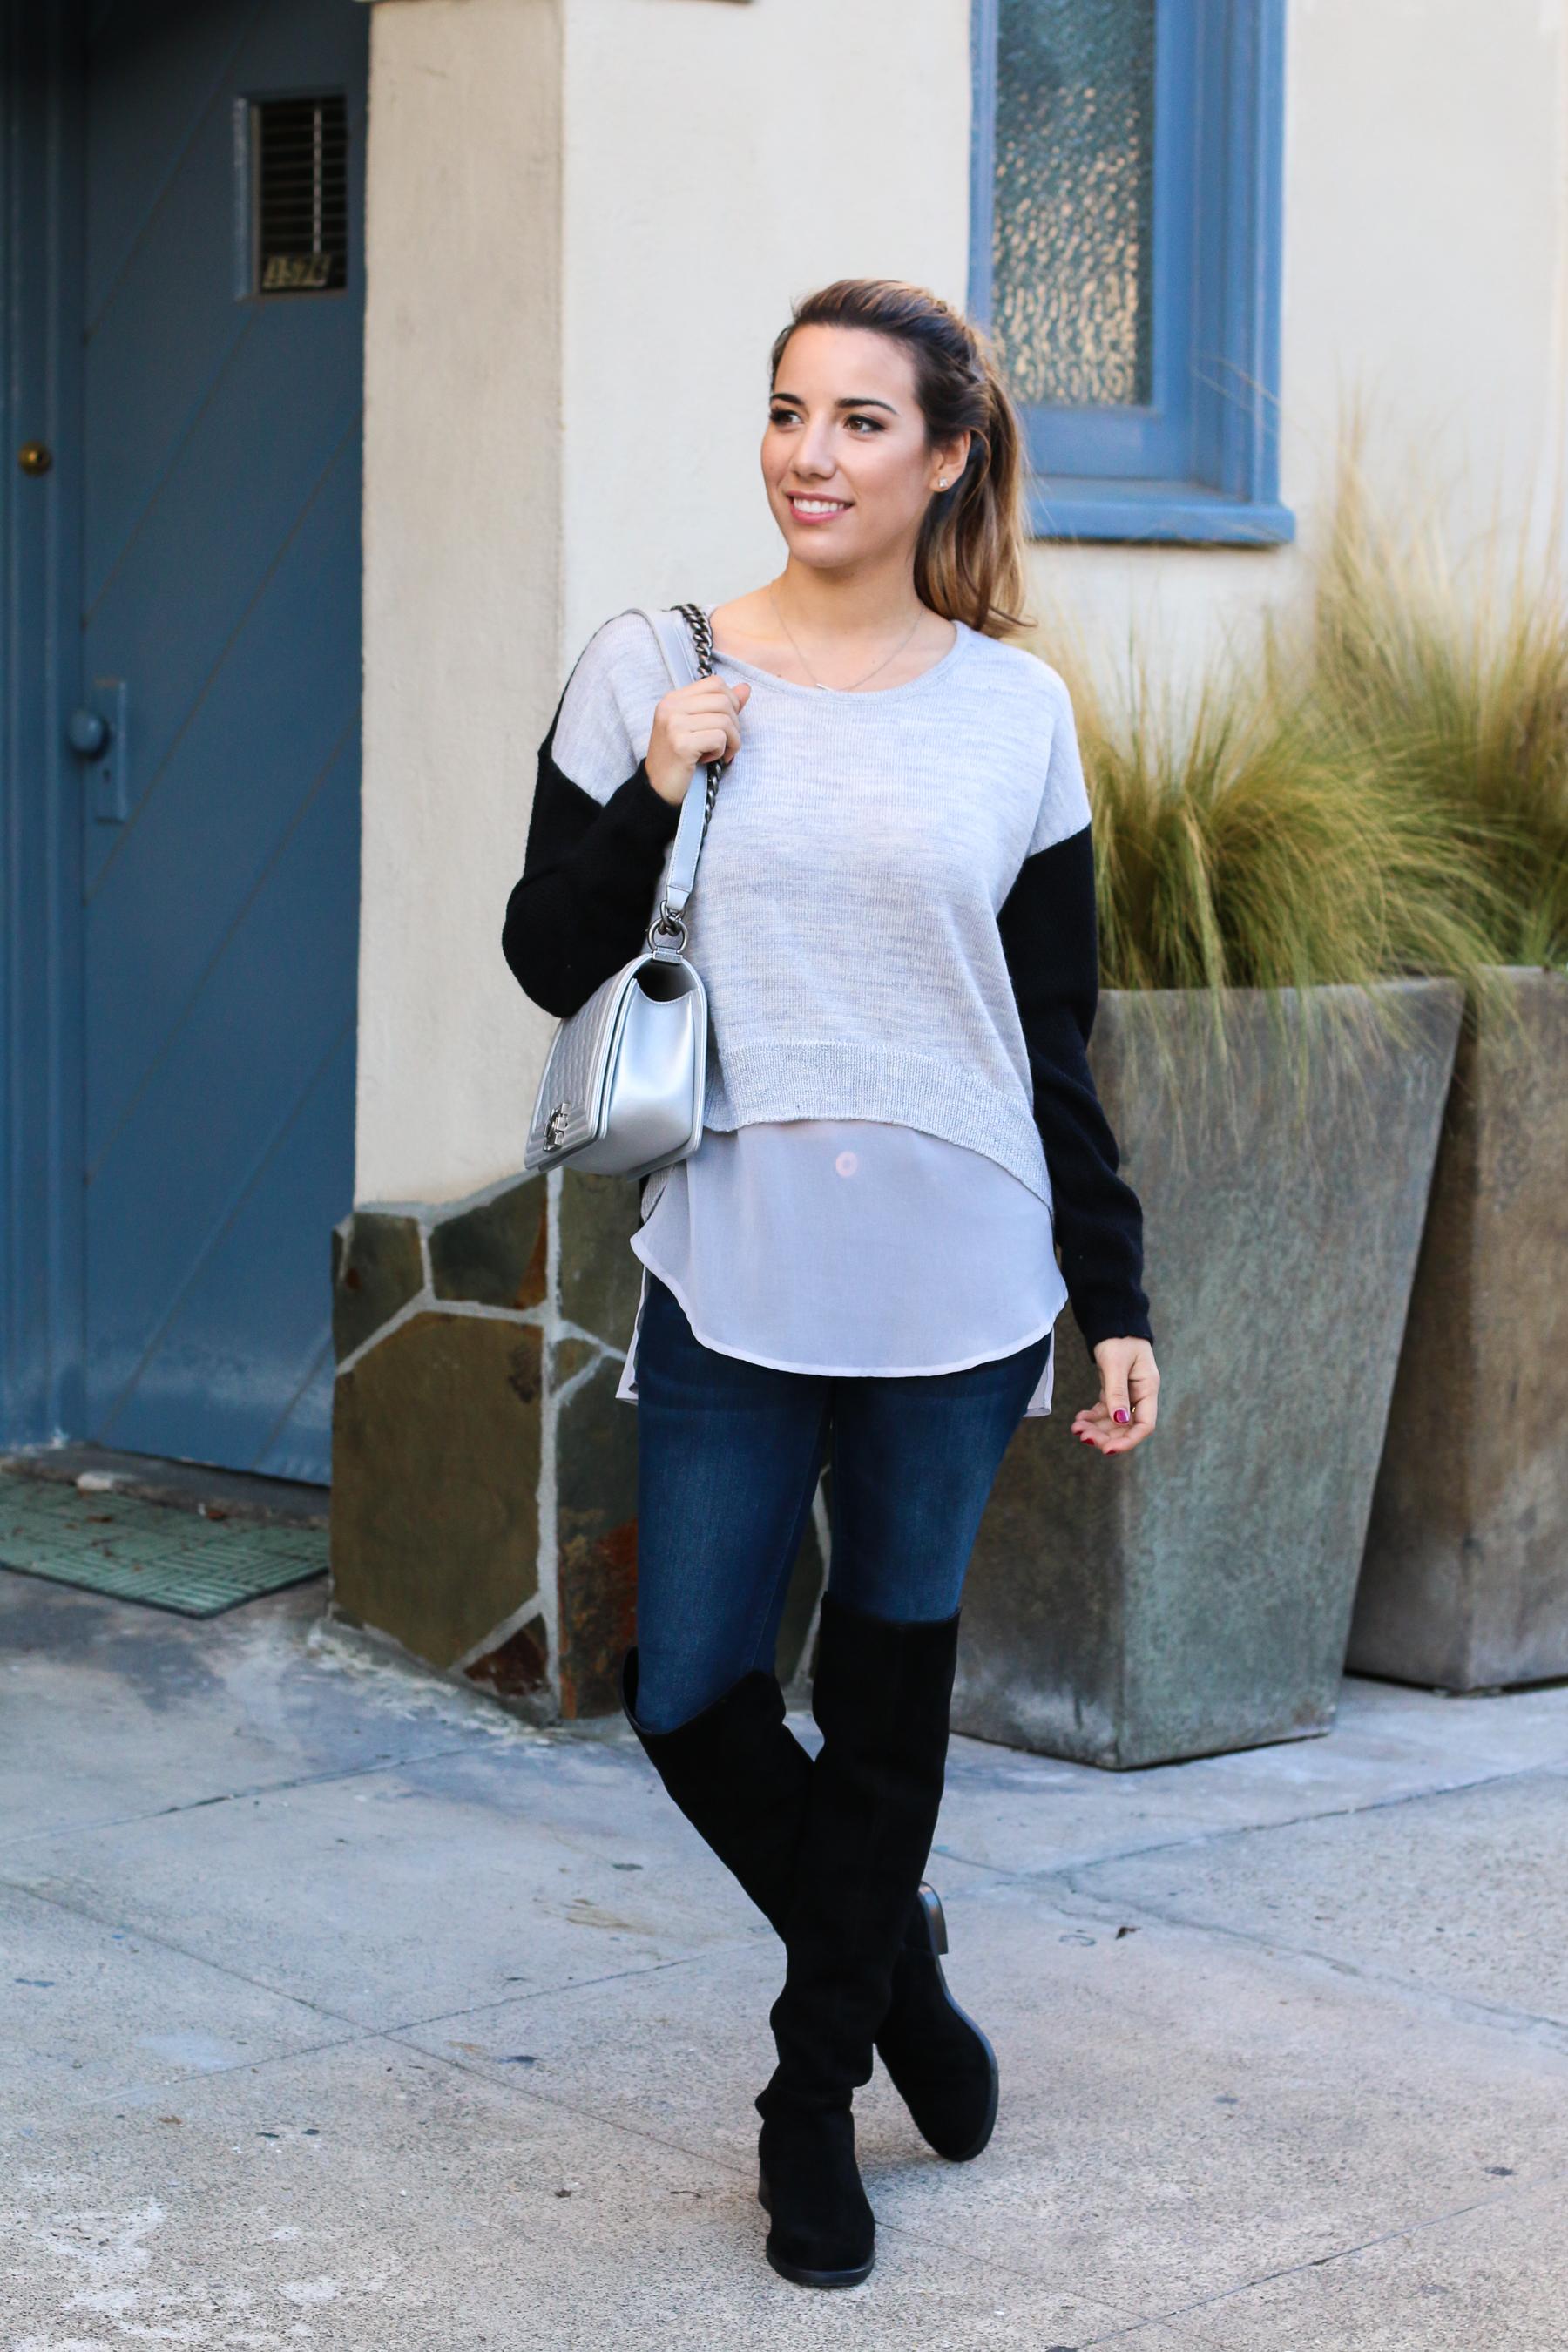 Ariana-Lauren-Fashion-Blogger-San-Francisco-Photography-by-Ryan-Chua-2260